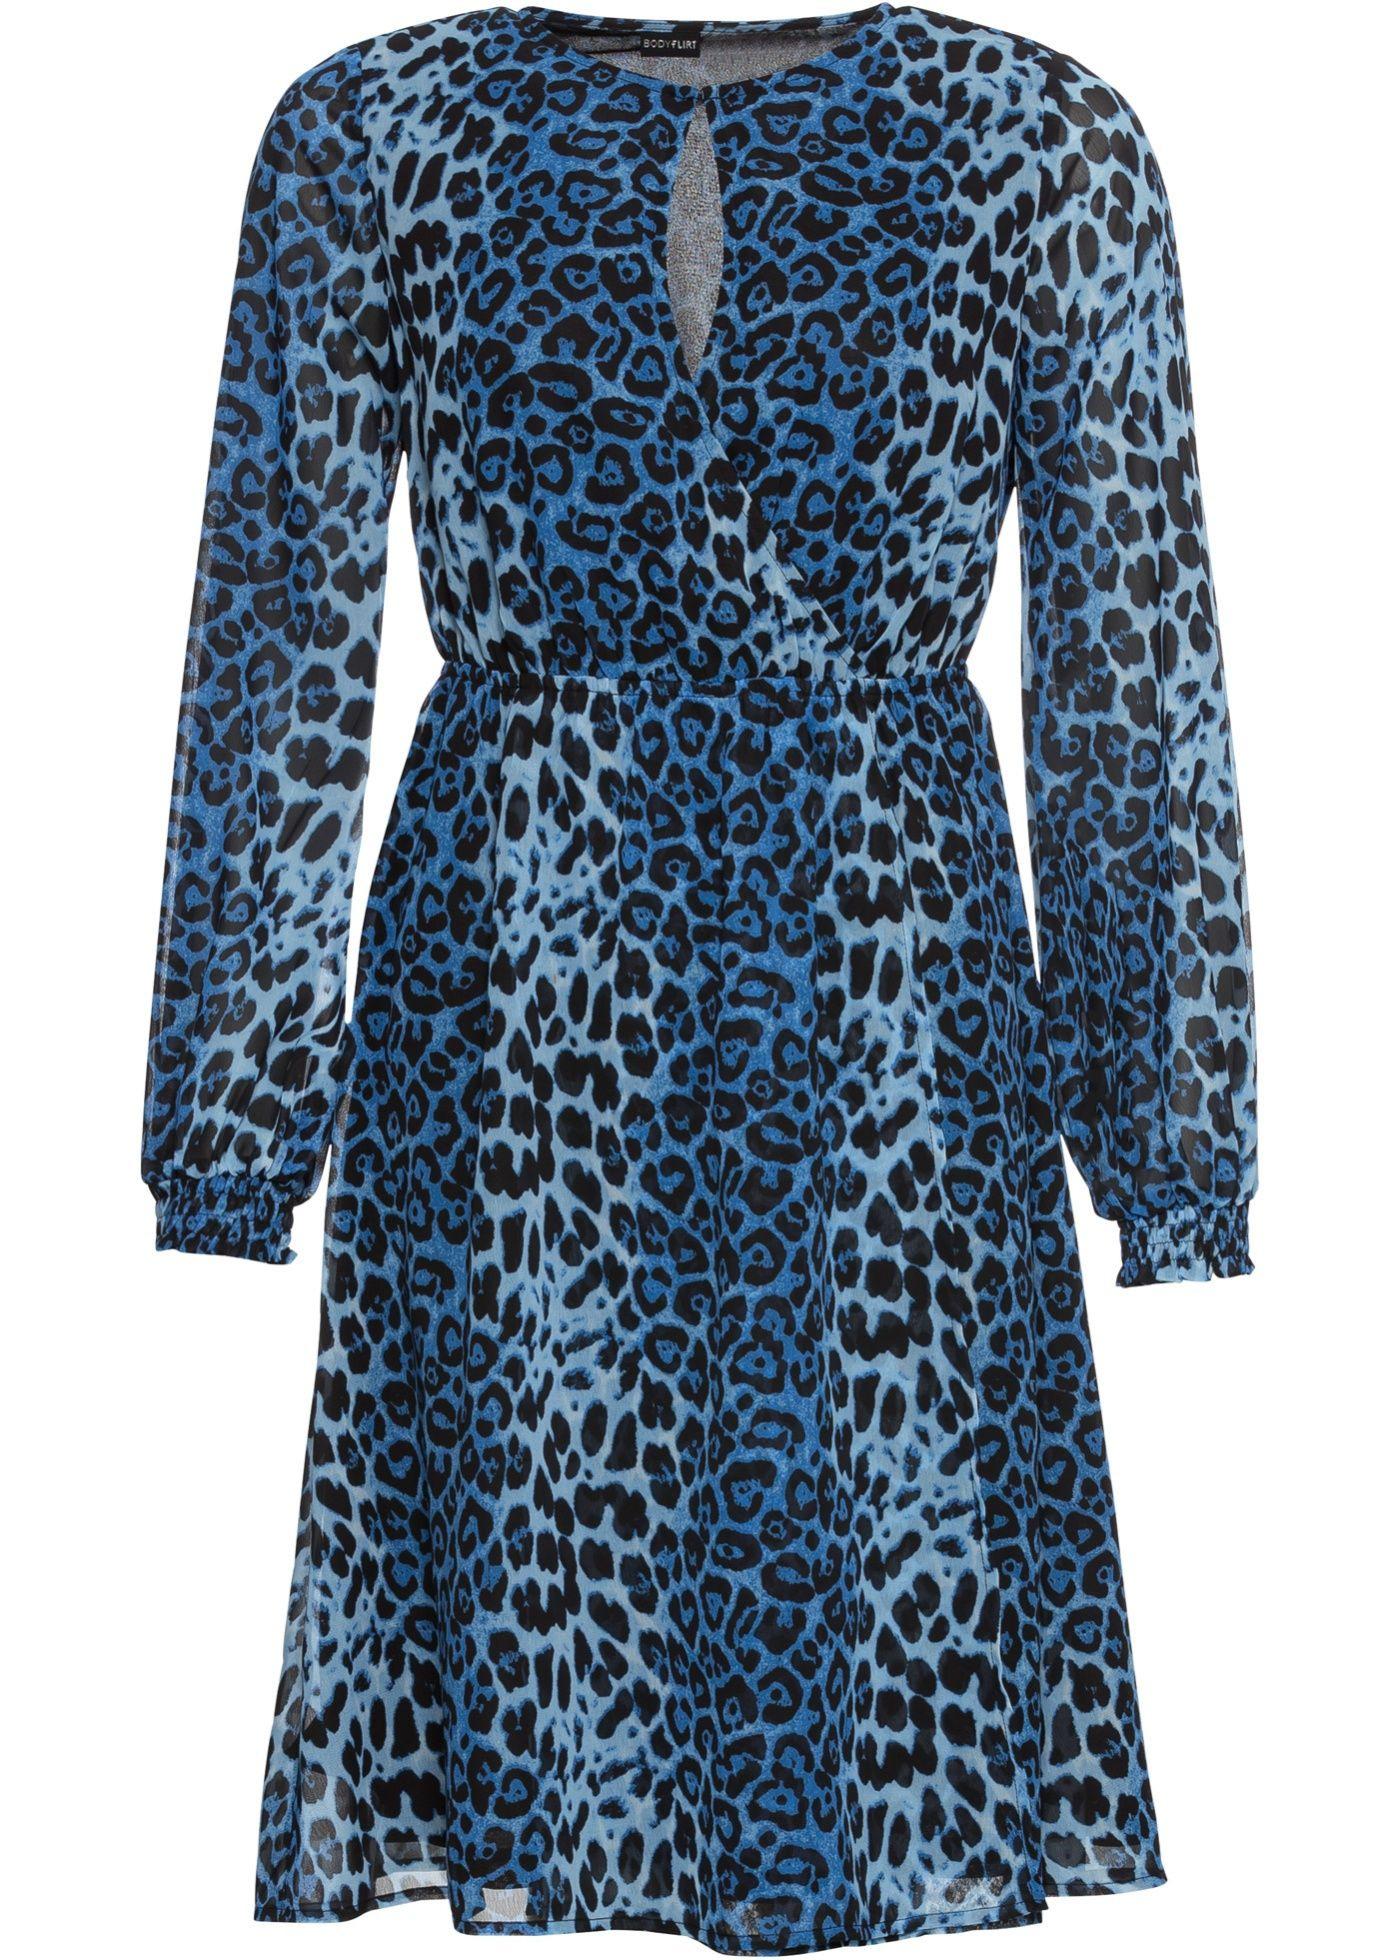 15 Fantastisch Halblange Kleider Mode Boutique13 Schön Halblange Kleider Mode Vertrieb